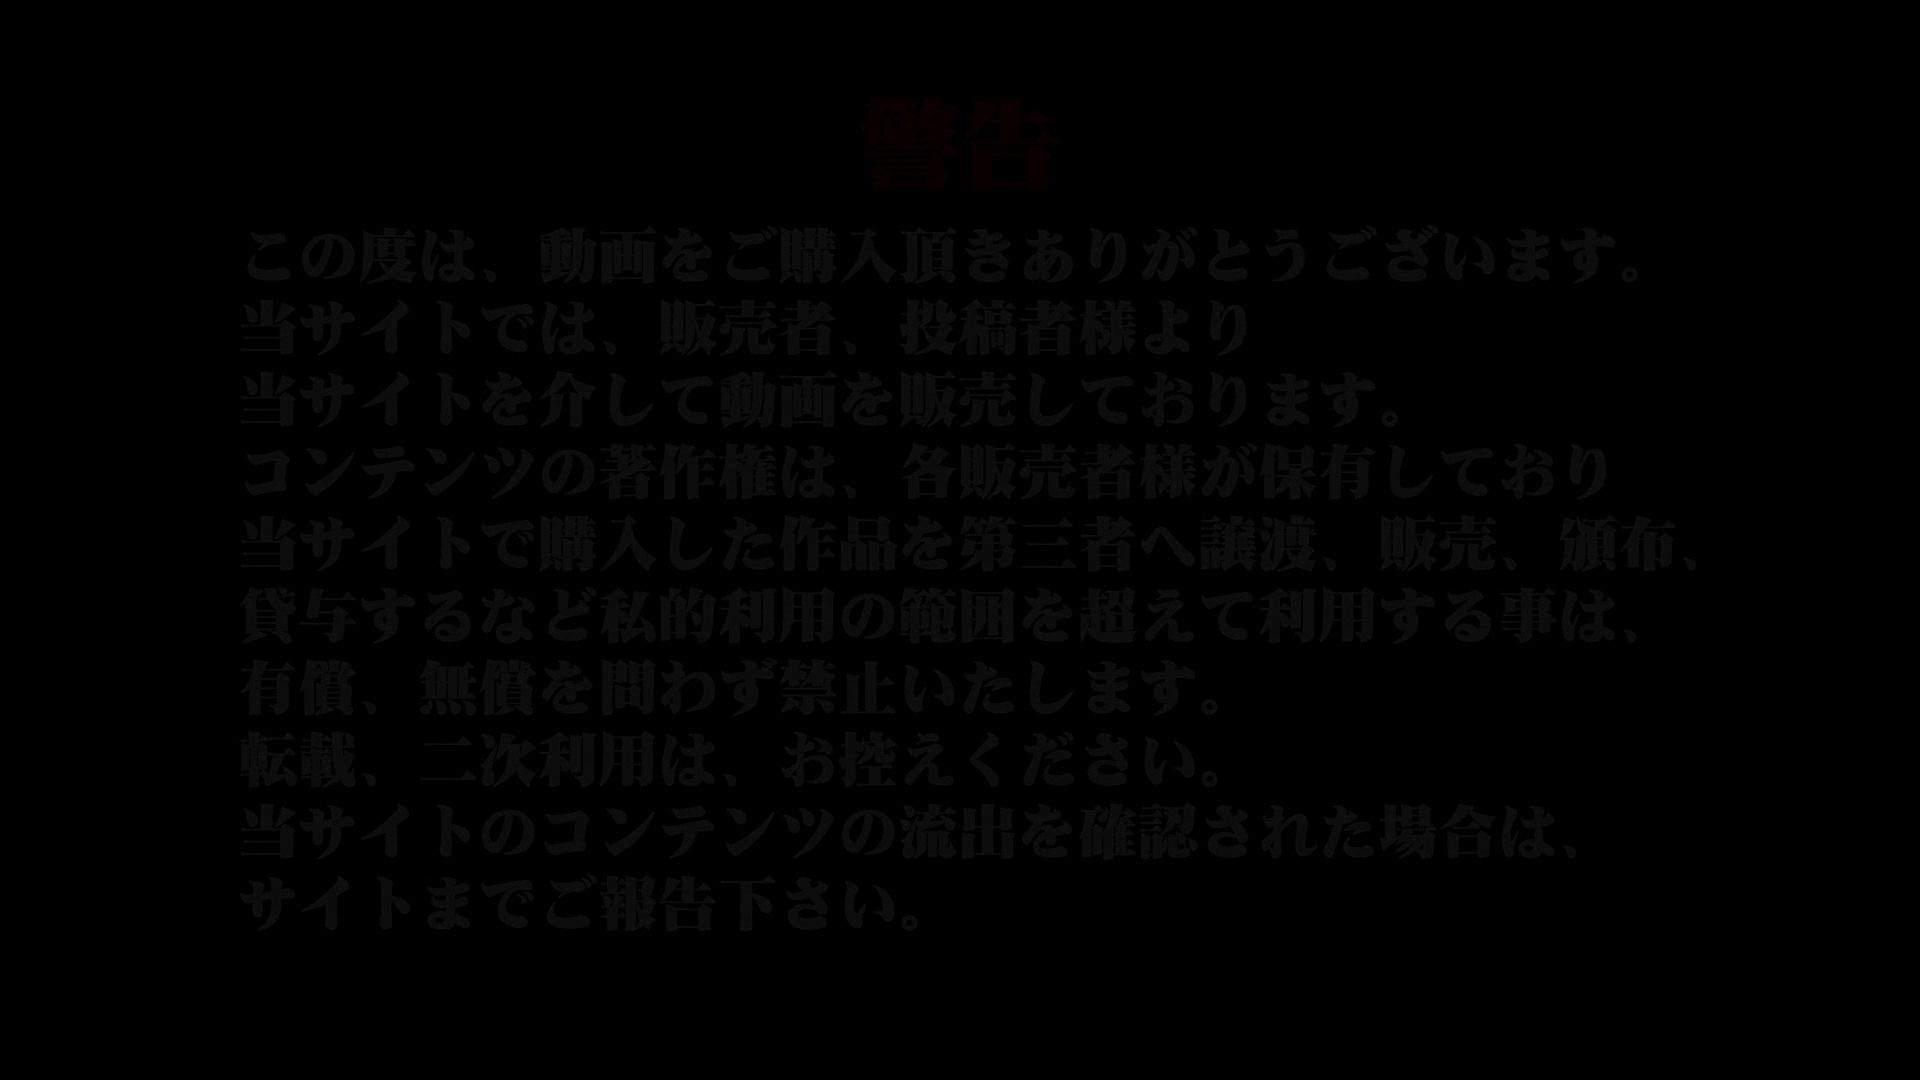 Aquaな露天風呂Vol.902 盗撮 | 露天風呂  66連発 4